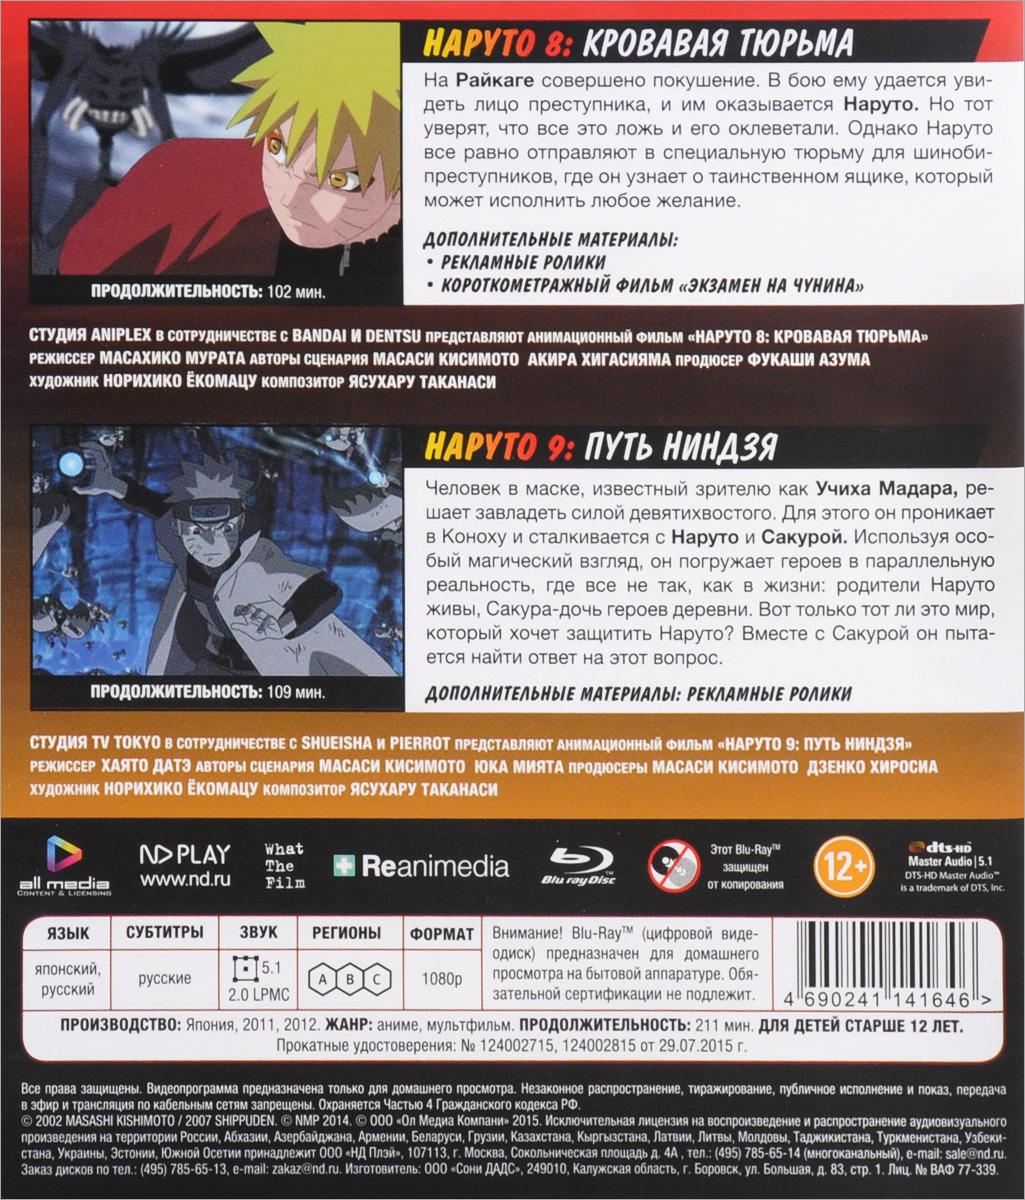 Наруто:  Кровавая тюрьма / Путь ниндзя (2 Blu-ray)